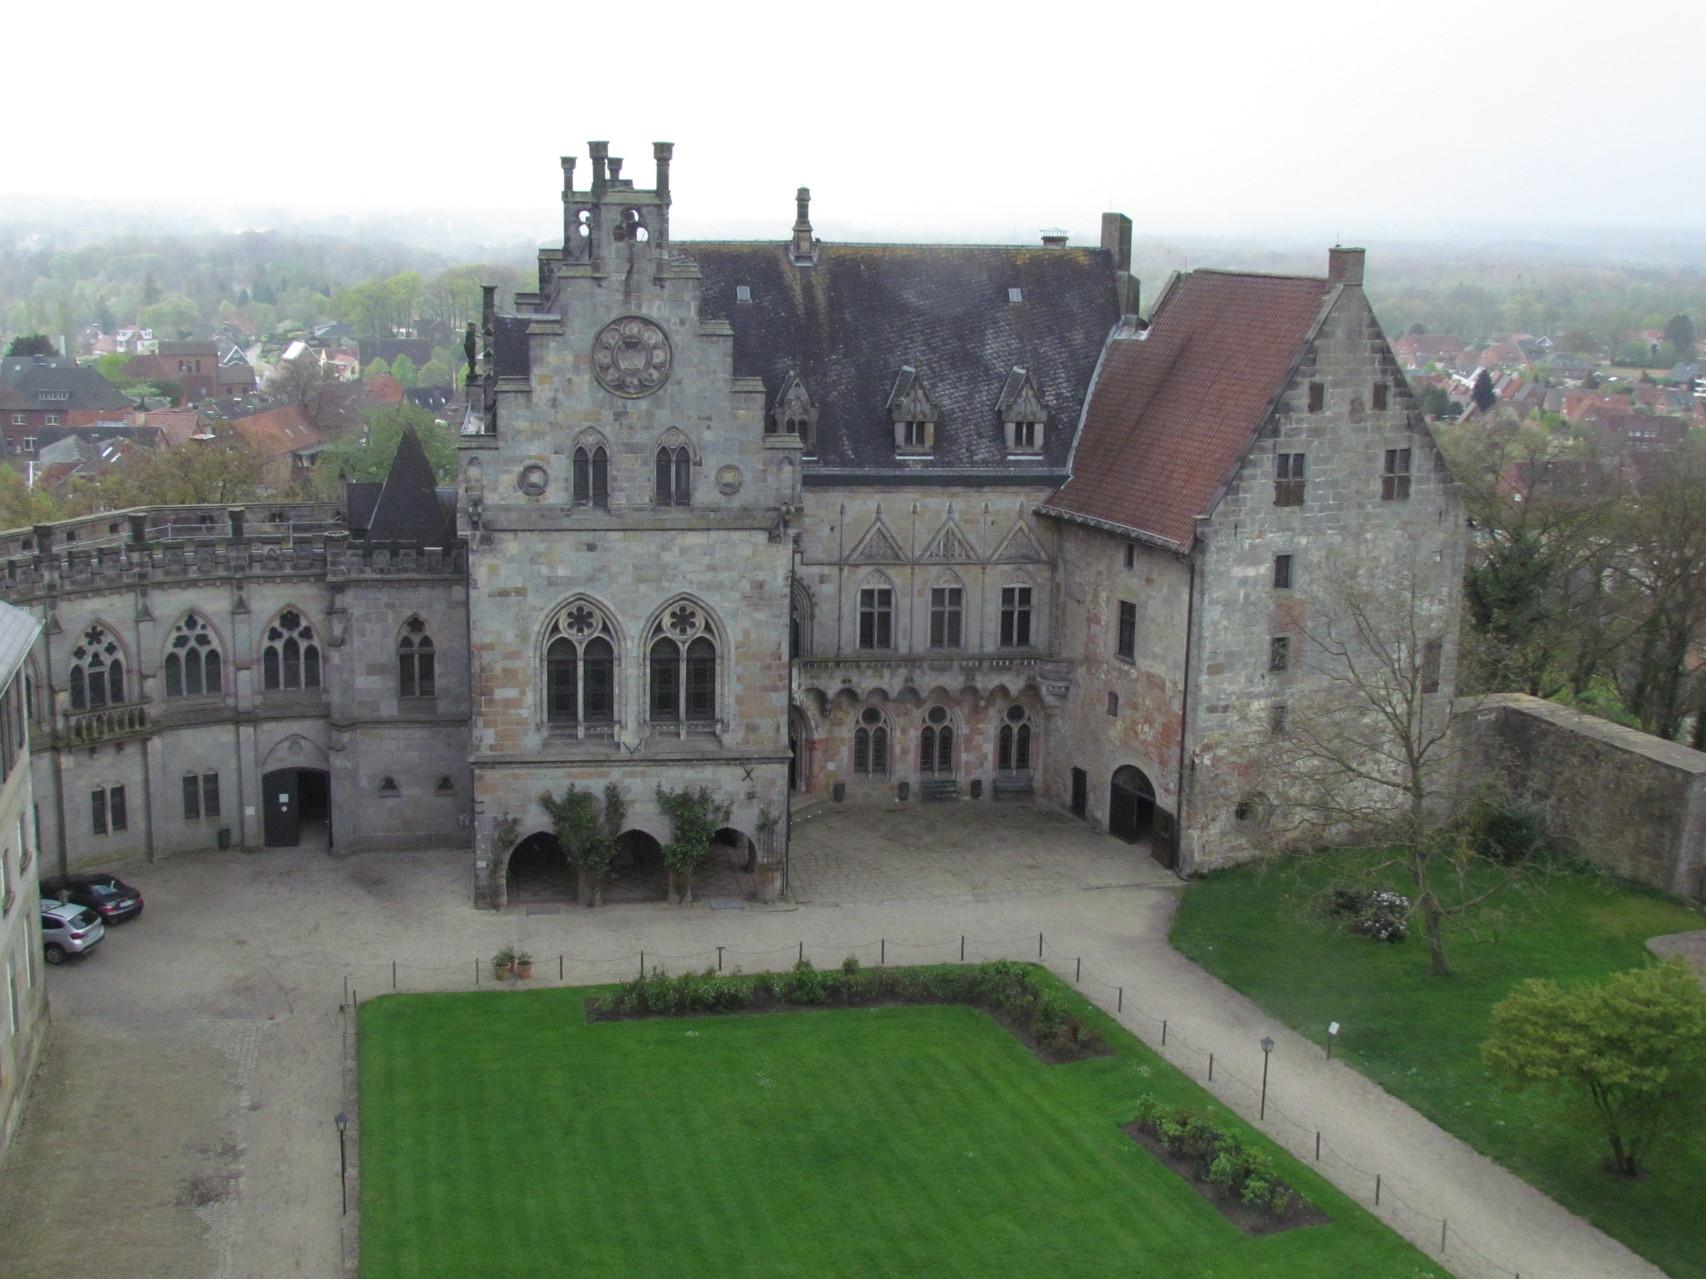 die Burg von oben